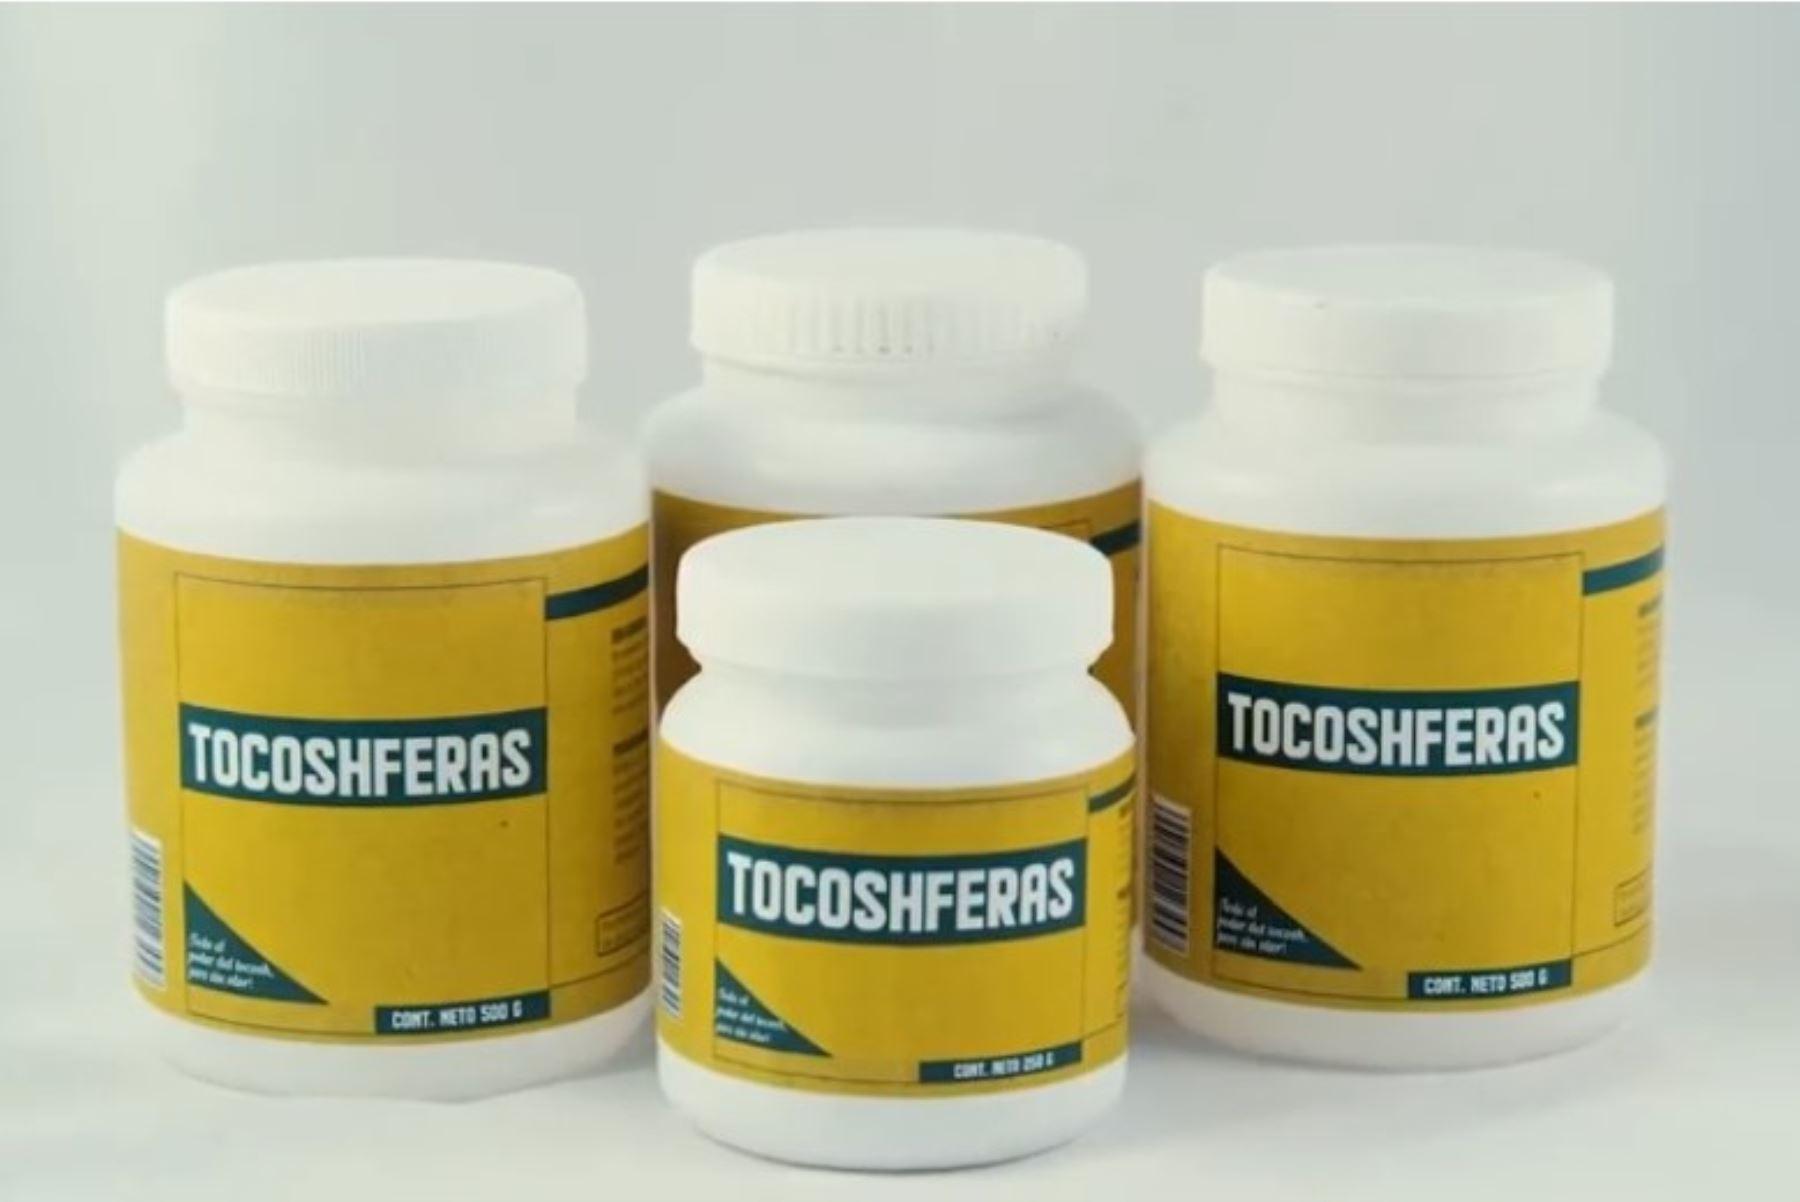 Investigadores de la UNMSM elaboran producto a base de tocosh bueno para el estómago.